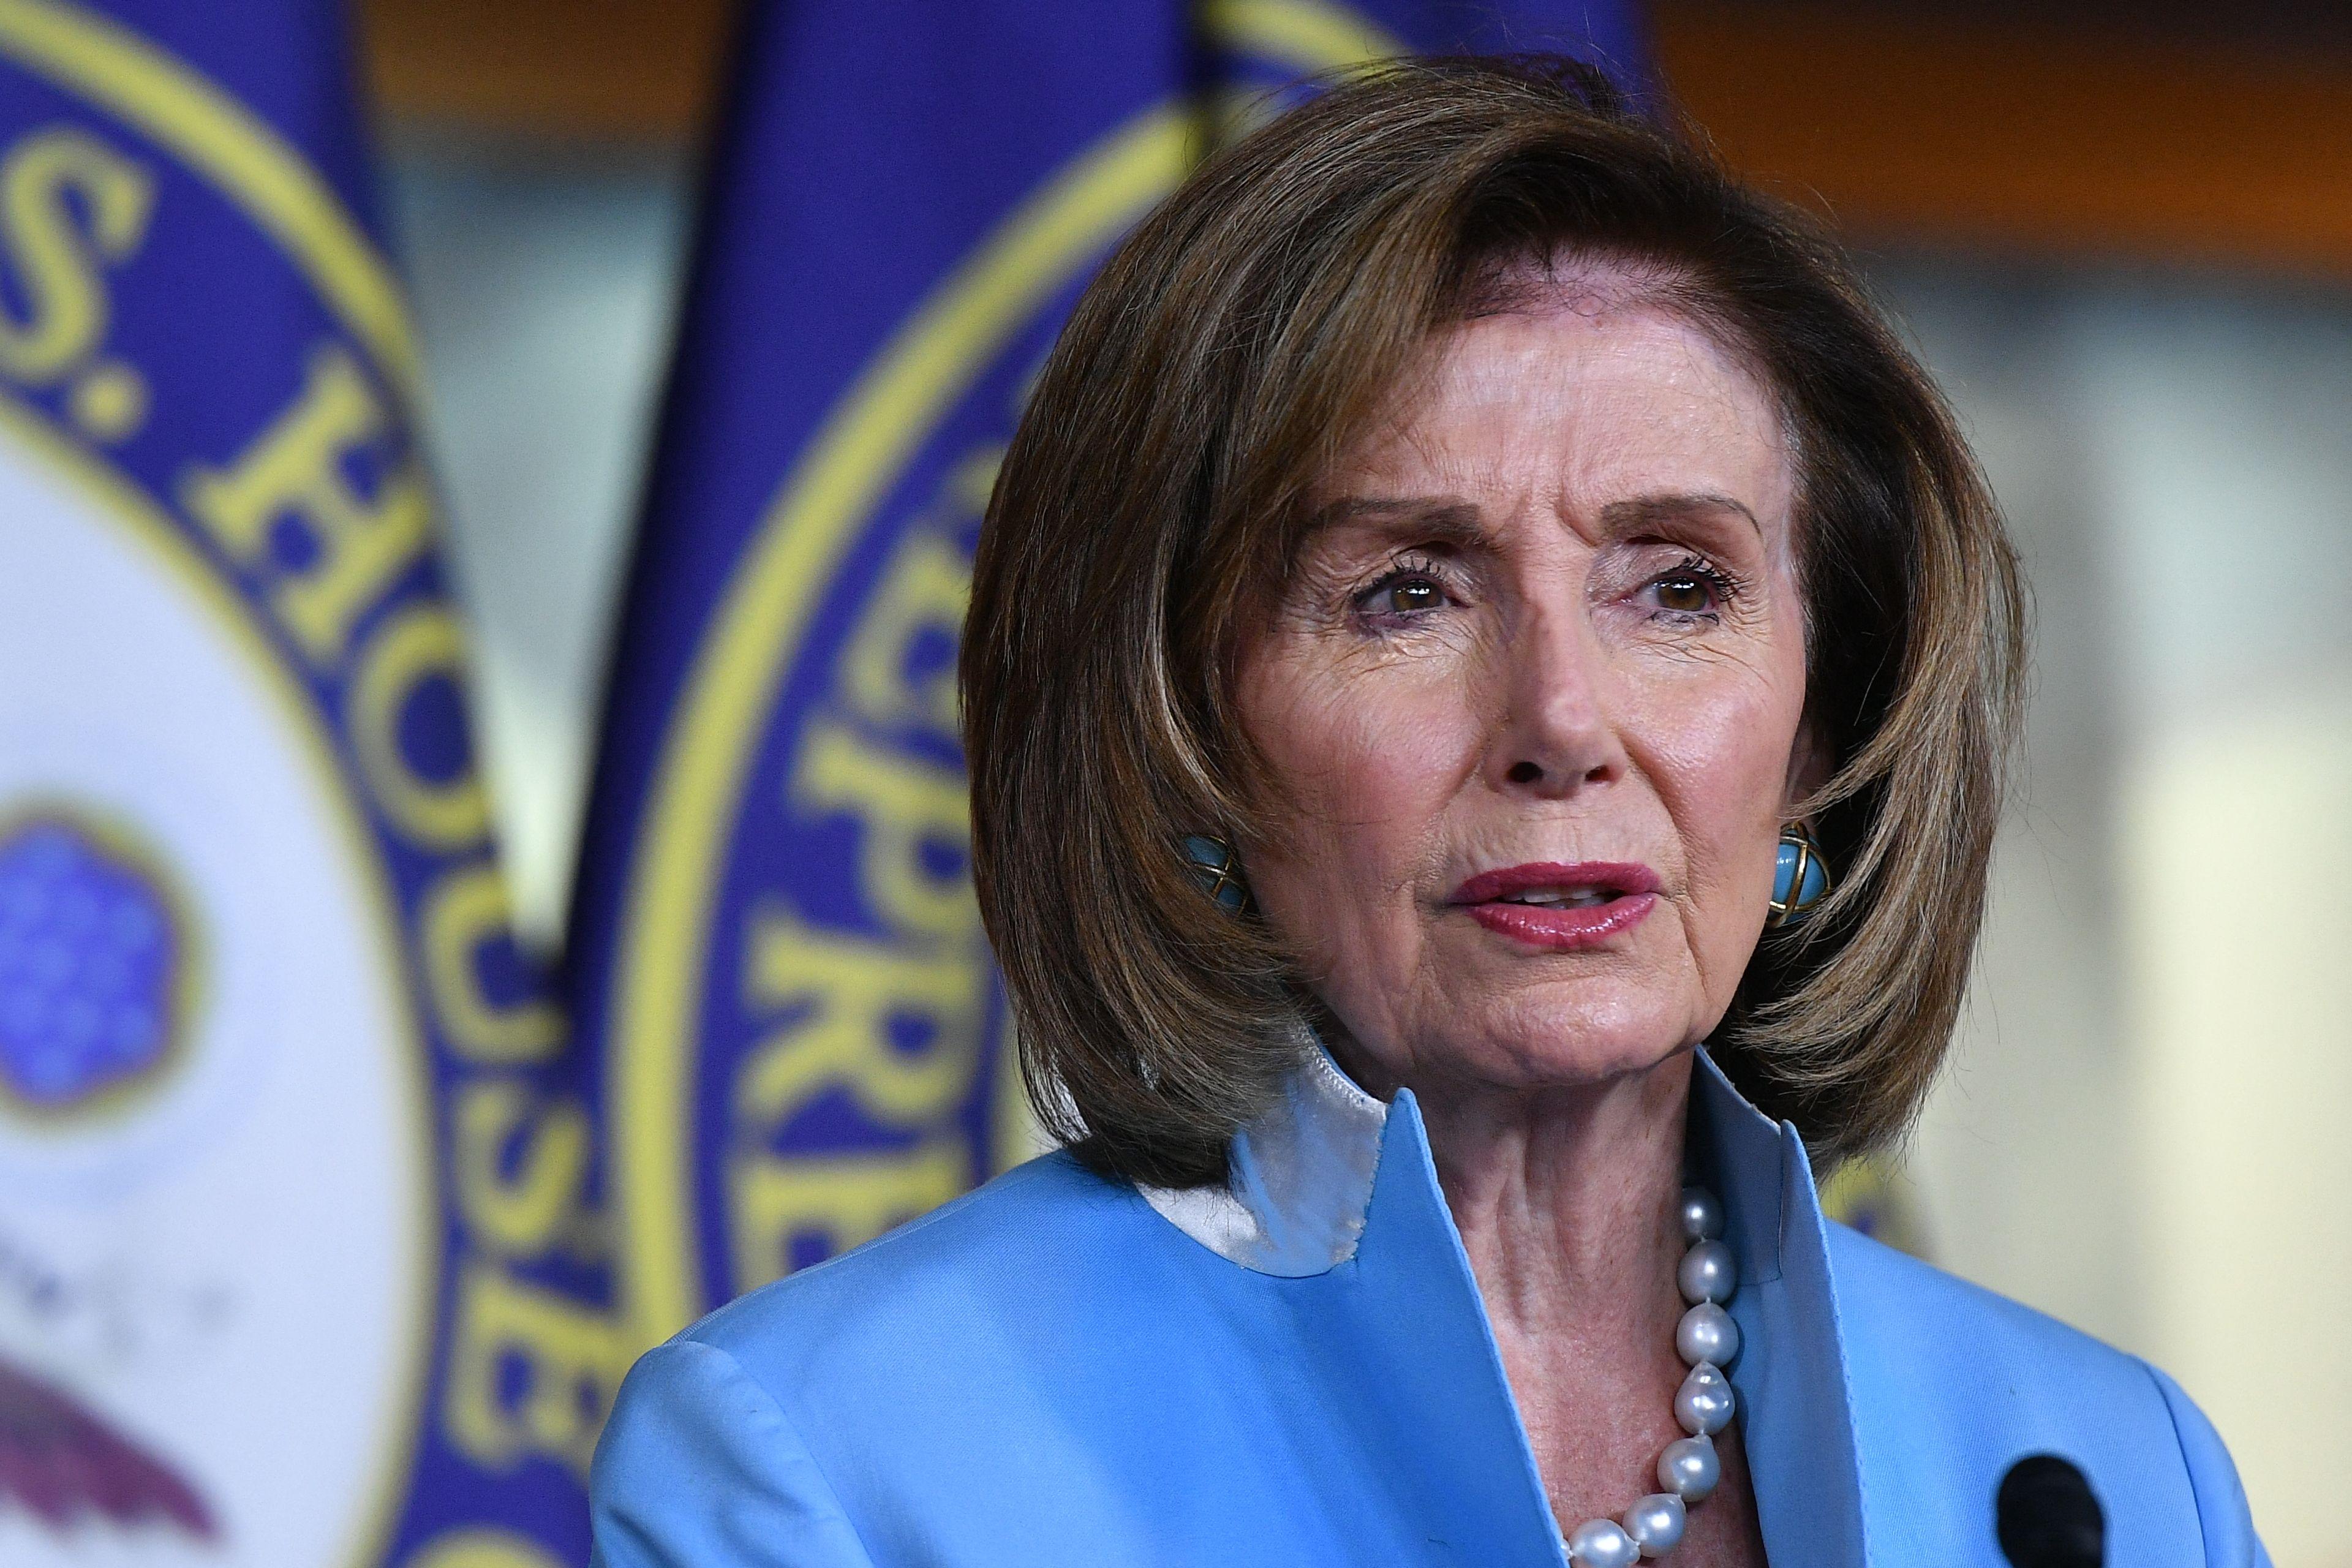 La líder de la mayoría demócrata en la Cámara Baja, Nancy Pelosi.